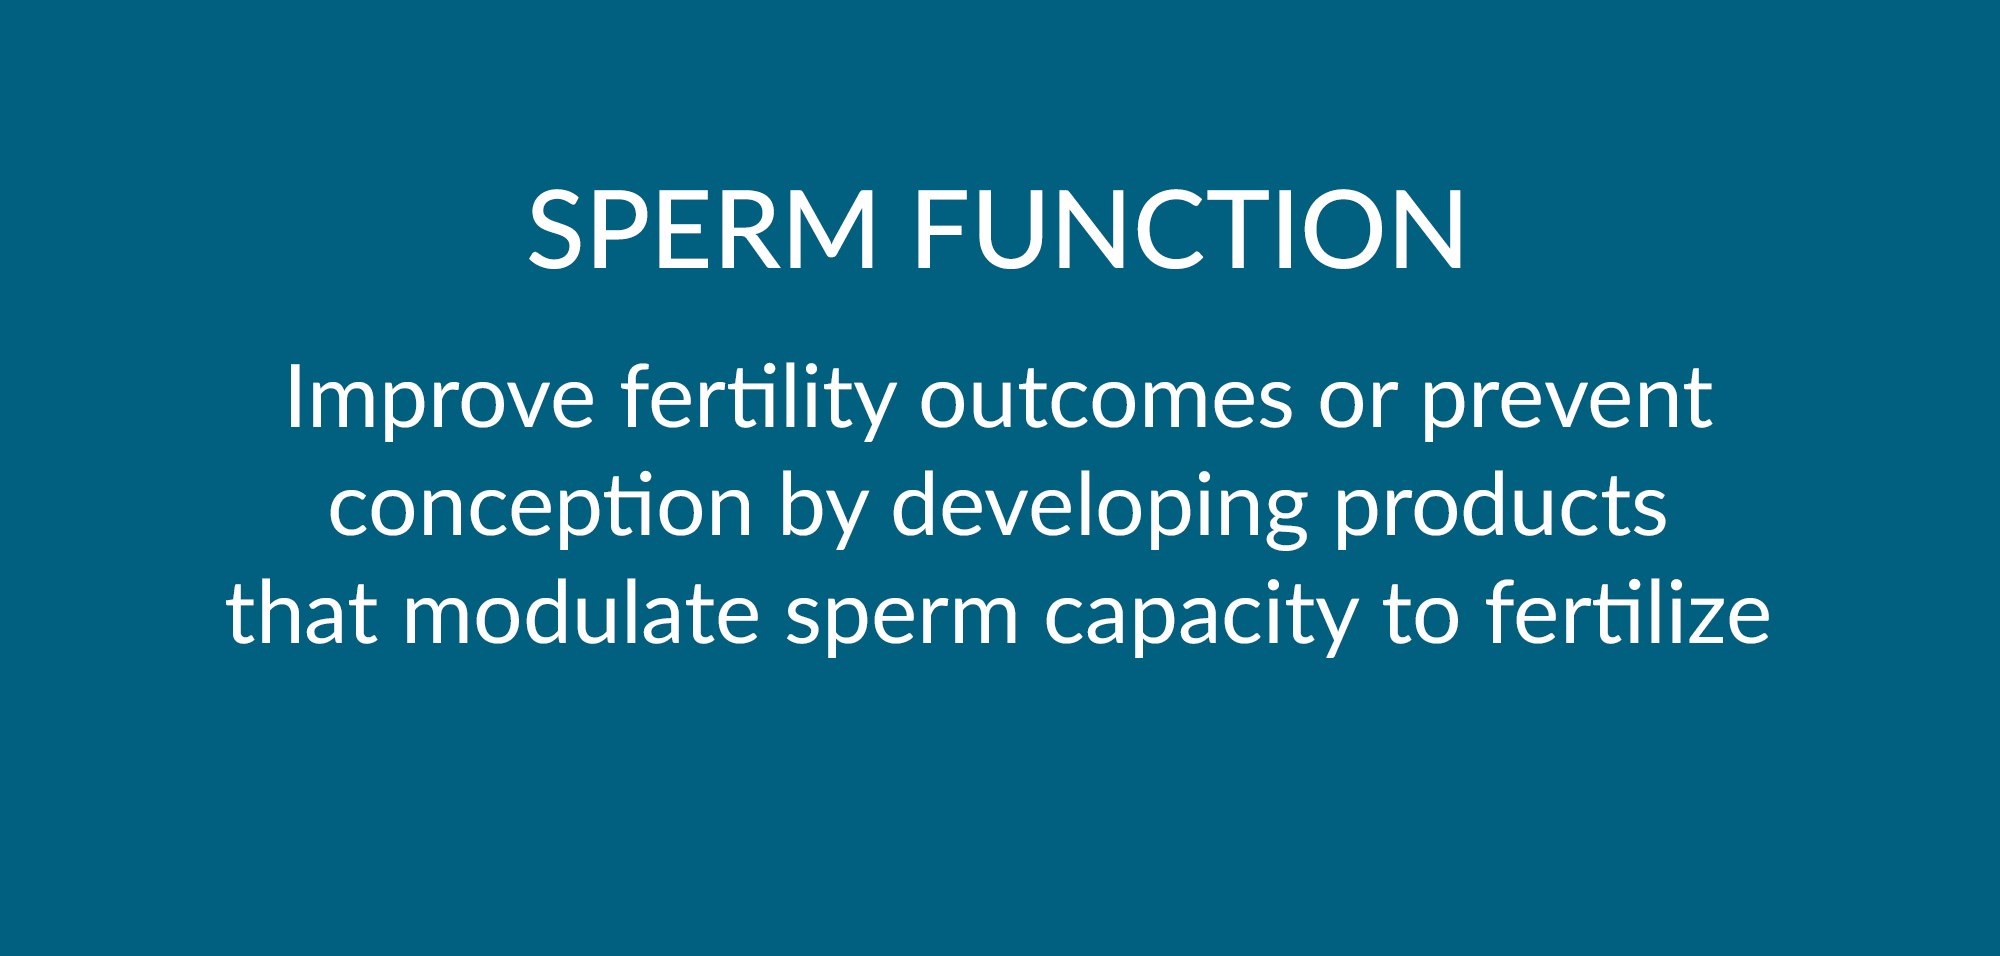 SpermFunction.jpg